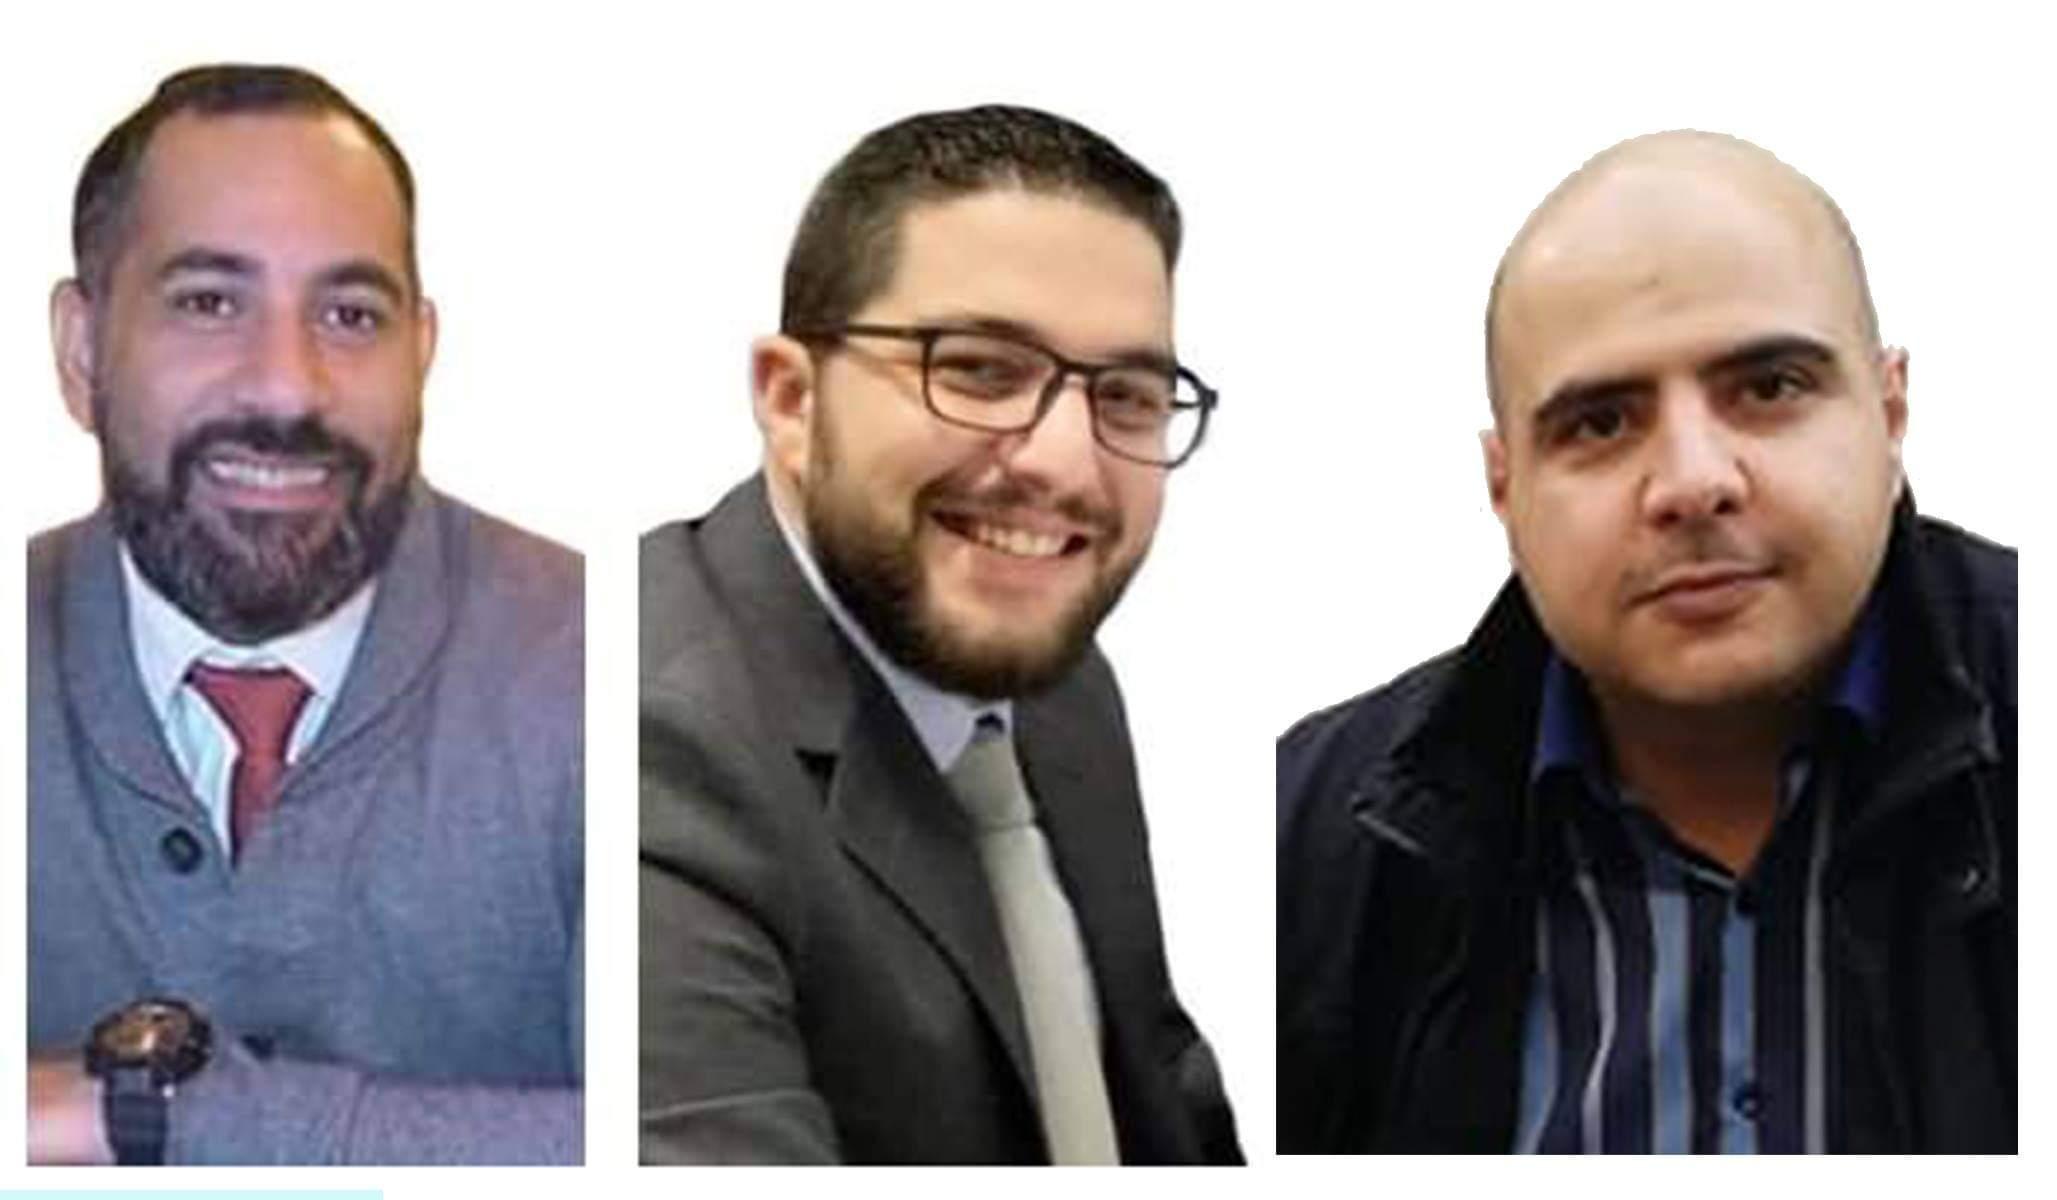 باحثون أردنيون يوصون بإجراء الإنتخابات إلكترونيا في ظل جائحة كورونا